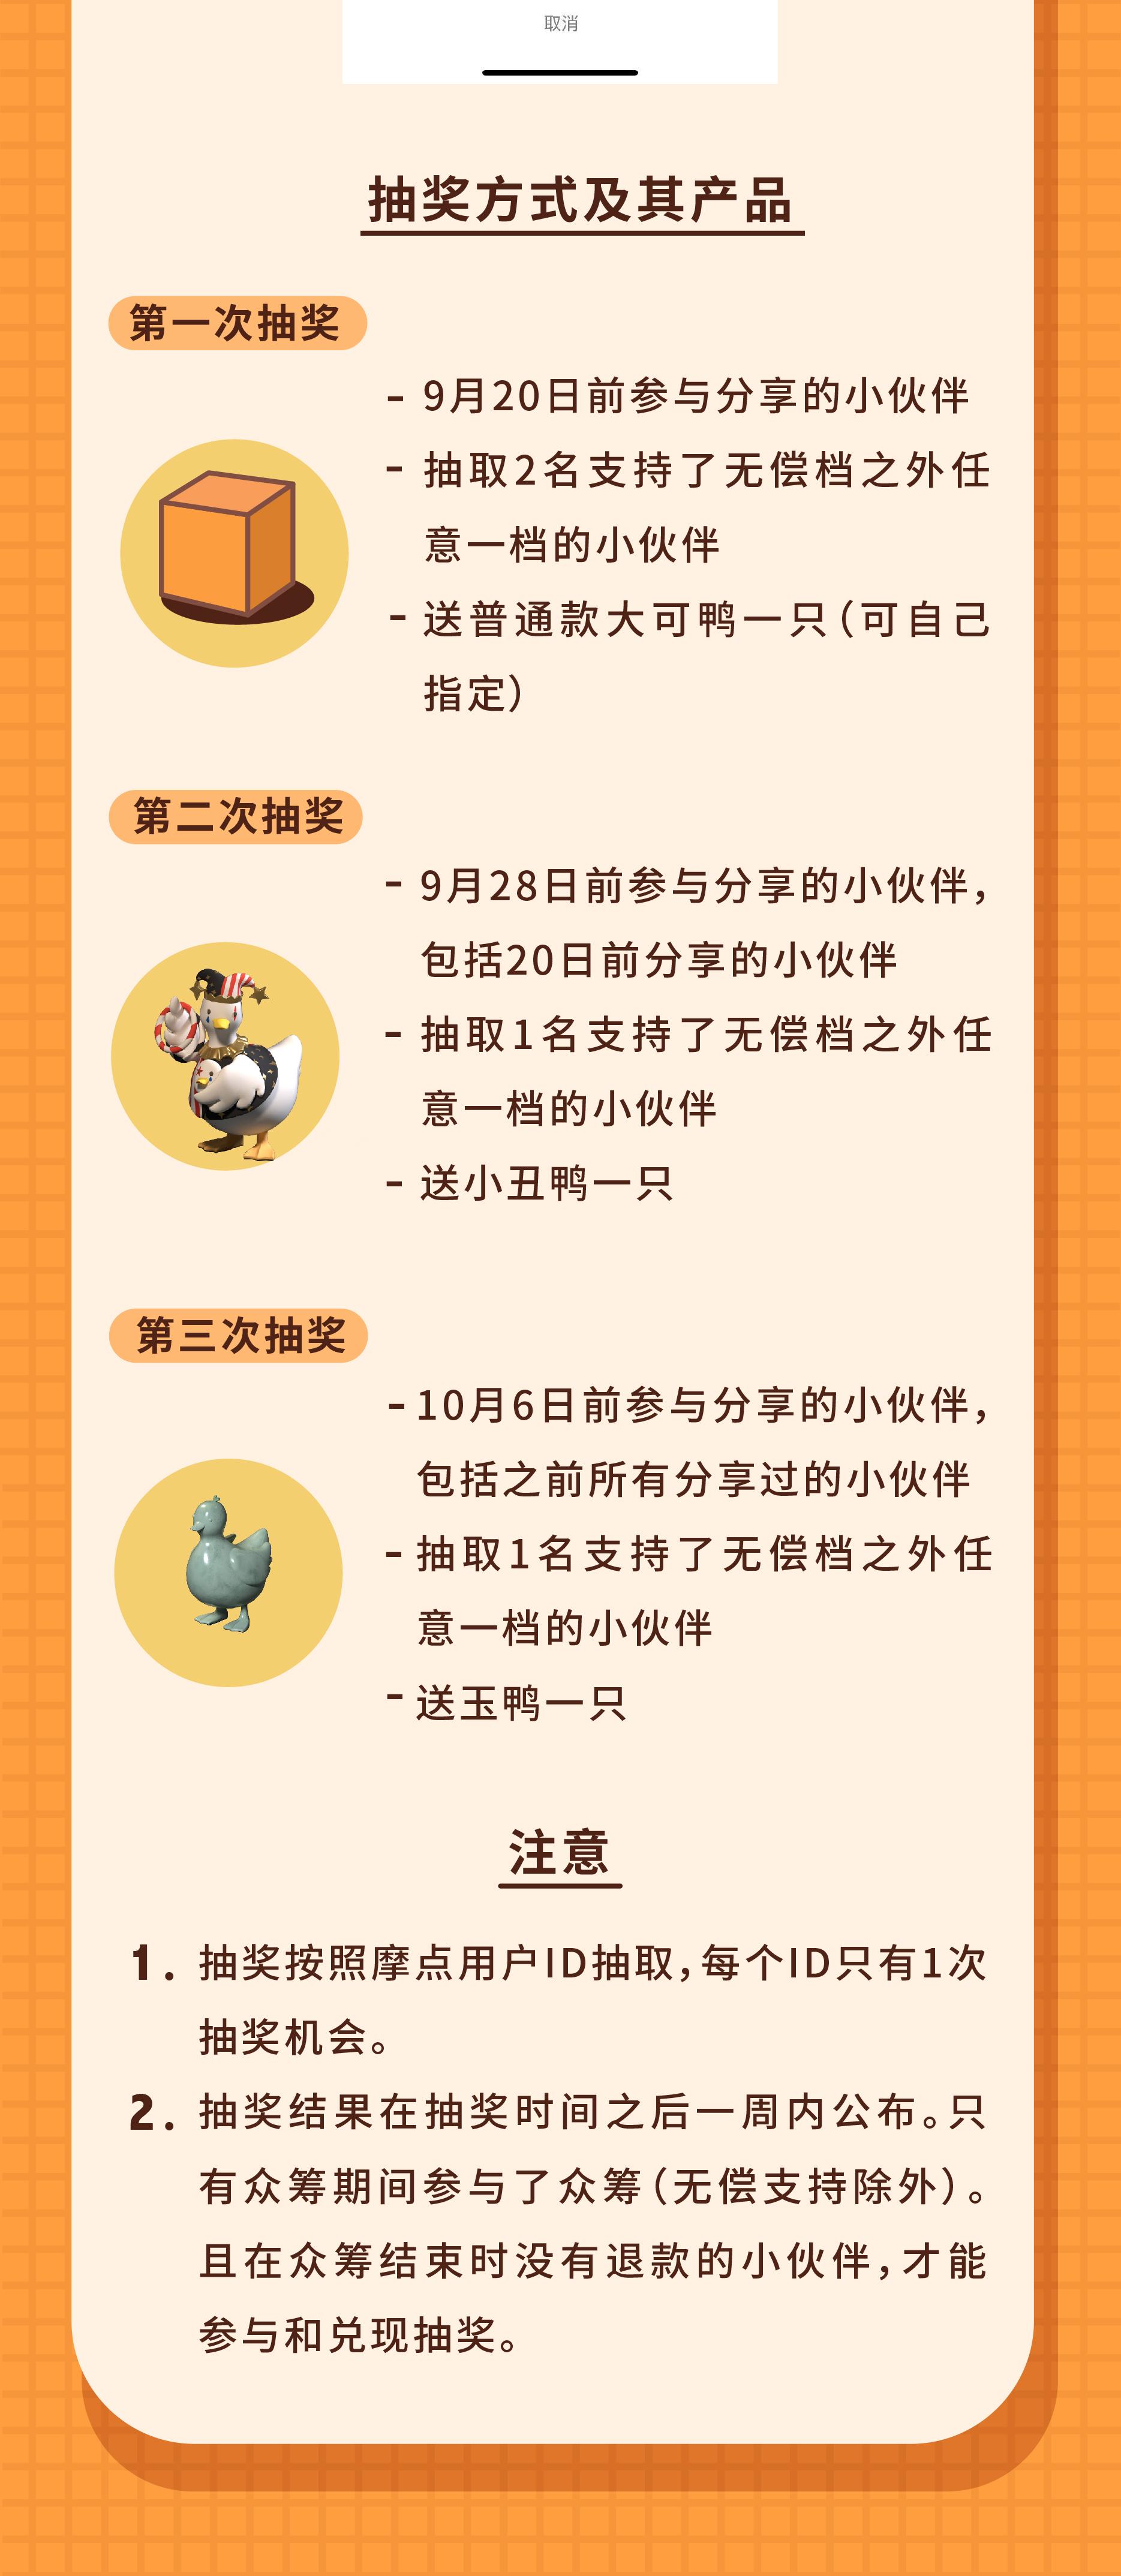 鸭子预售9.12修改-21.jpg